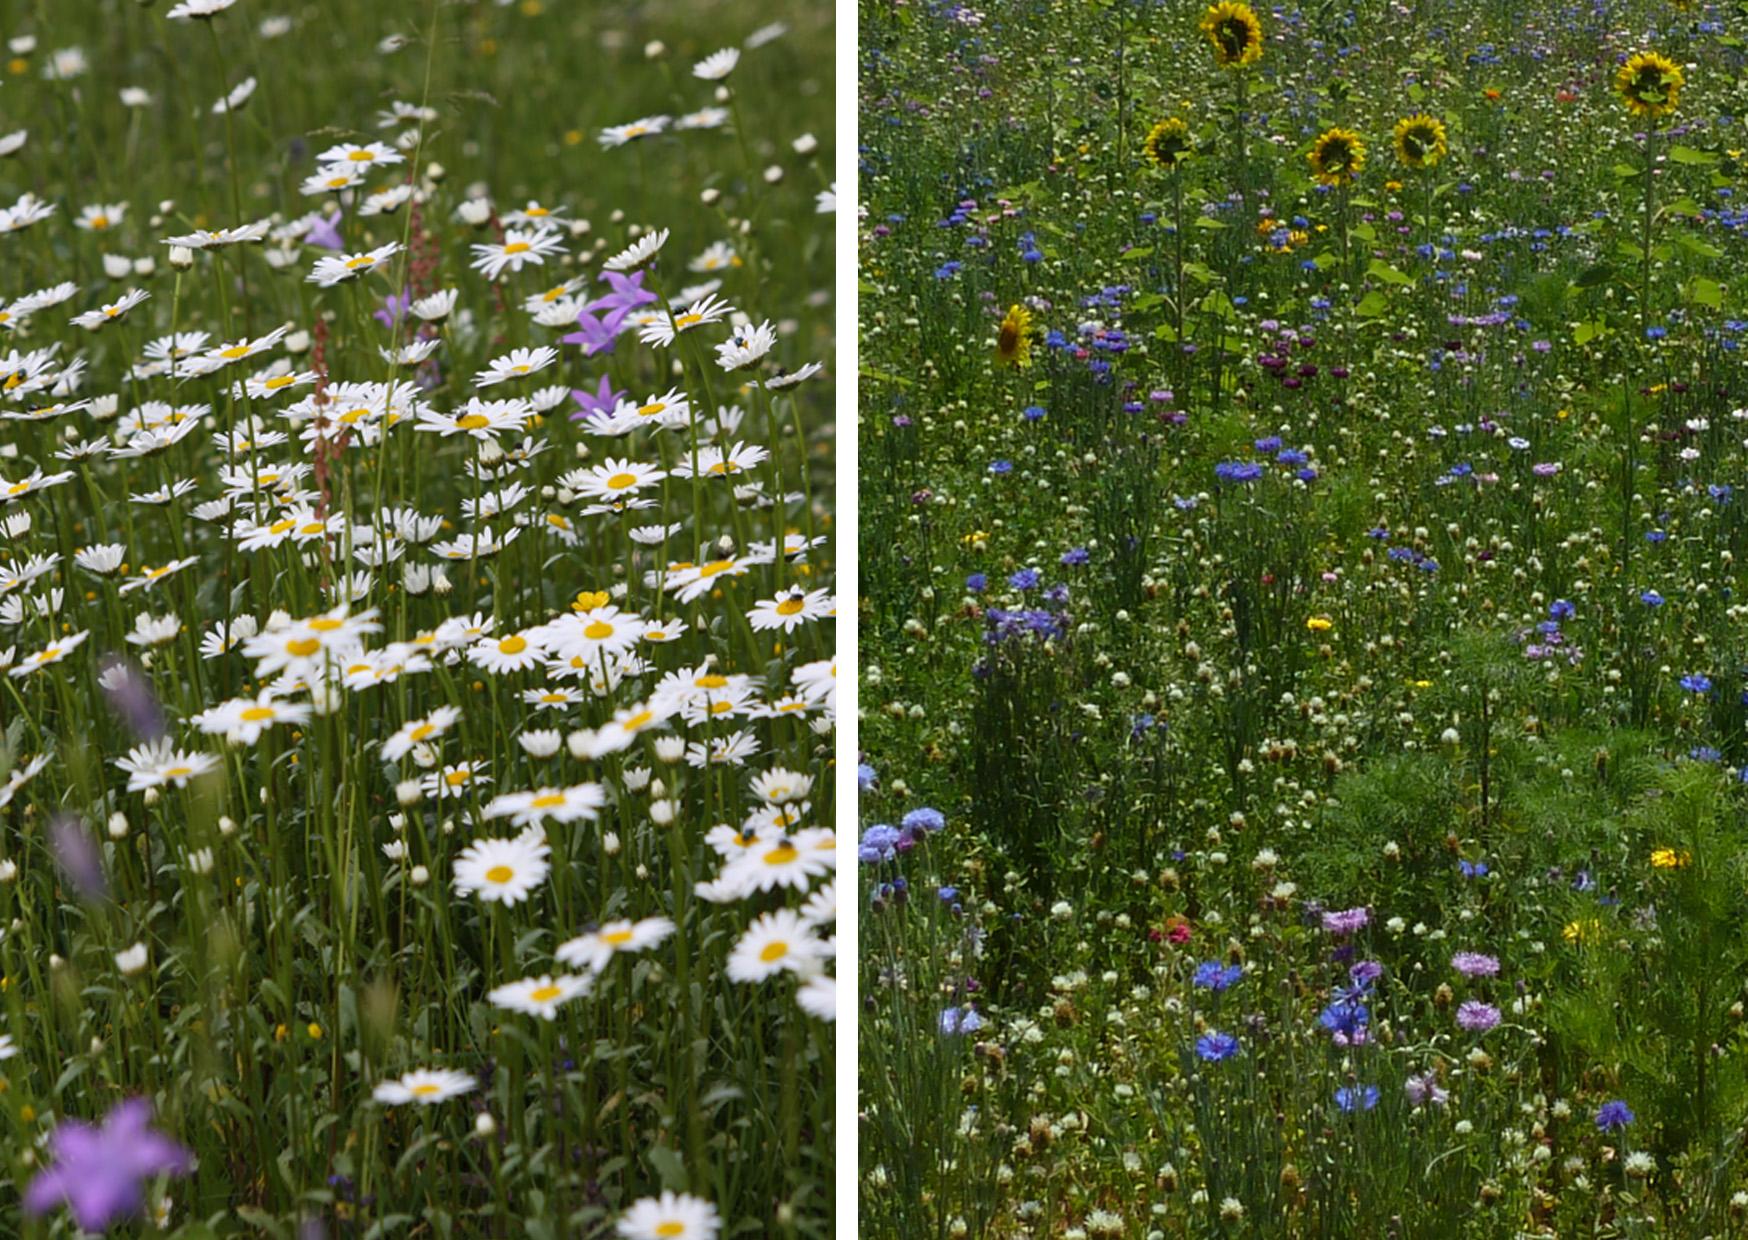 Blumenwiese-Blühfläche.jpg